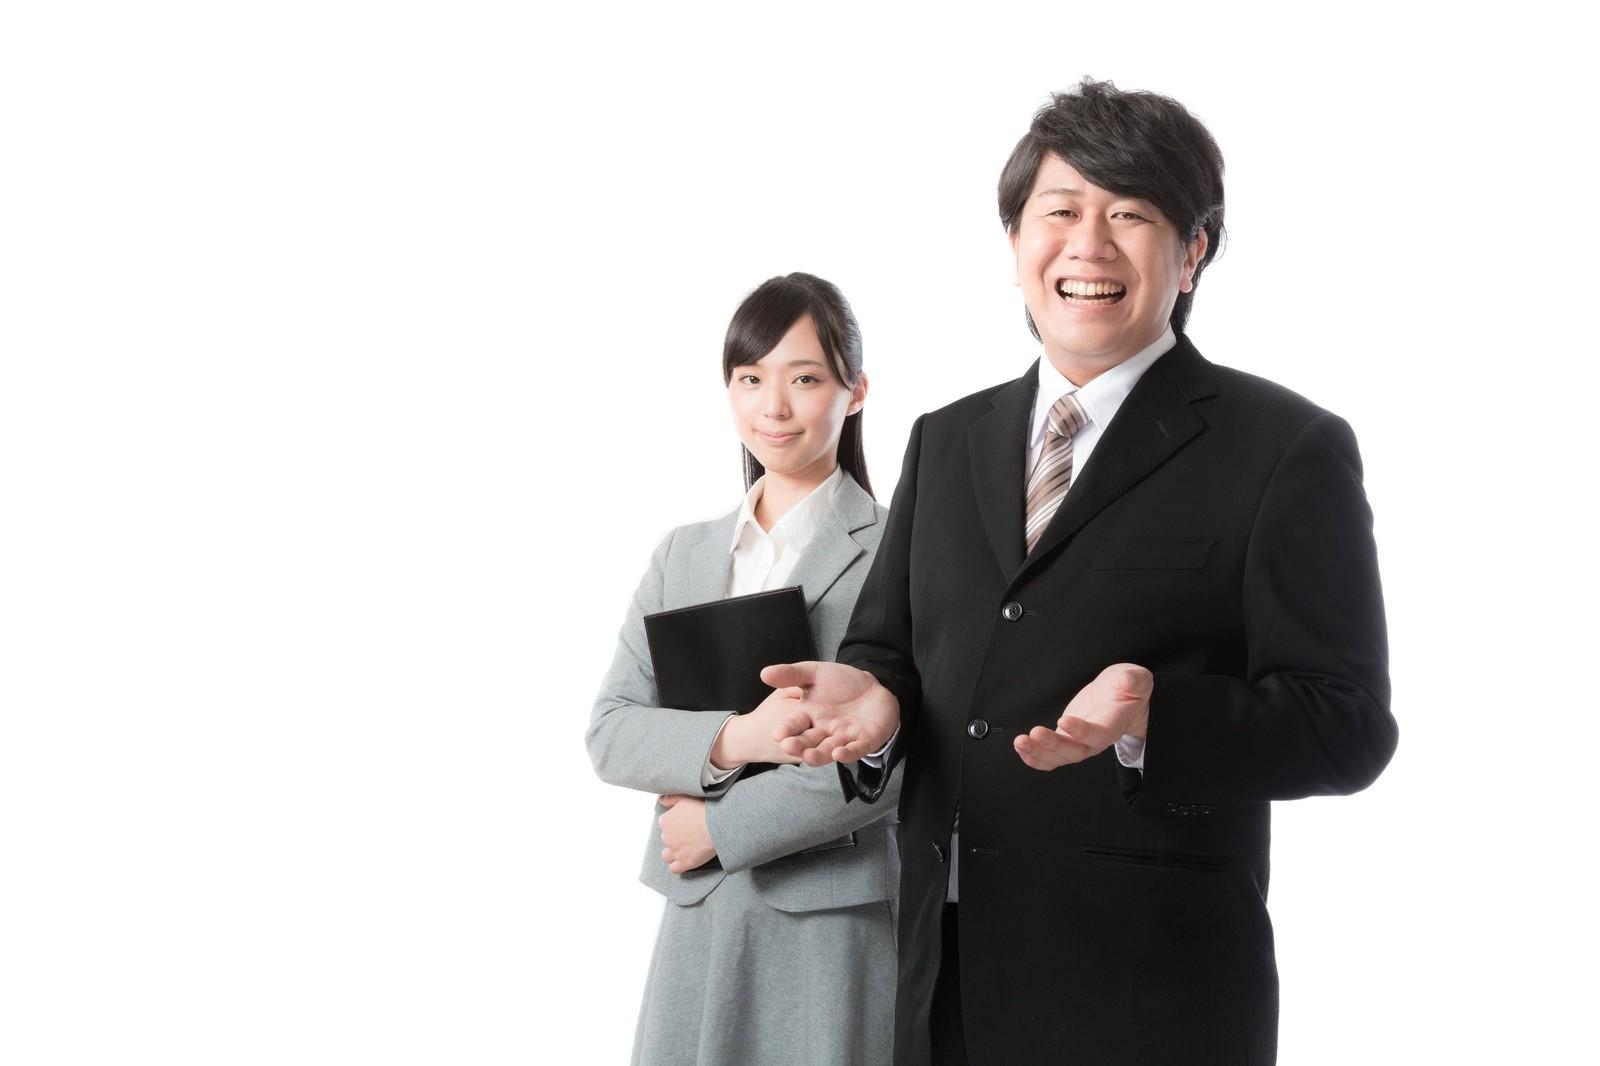 未経験でも正社員になれる方法とは?